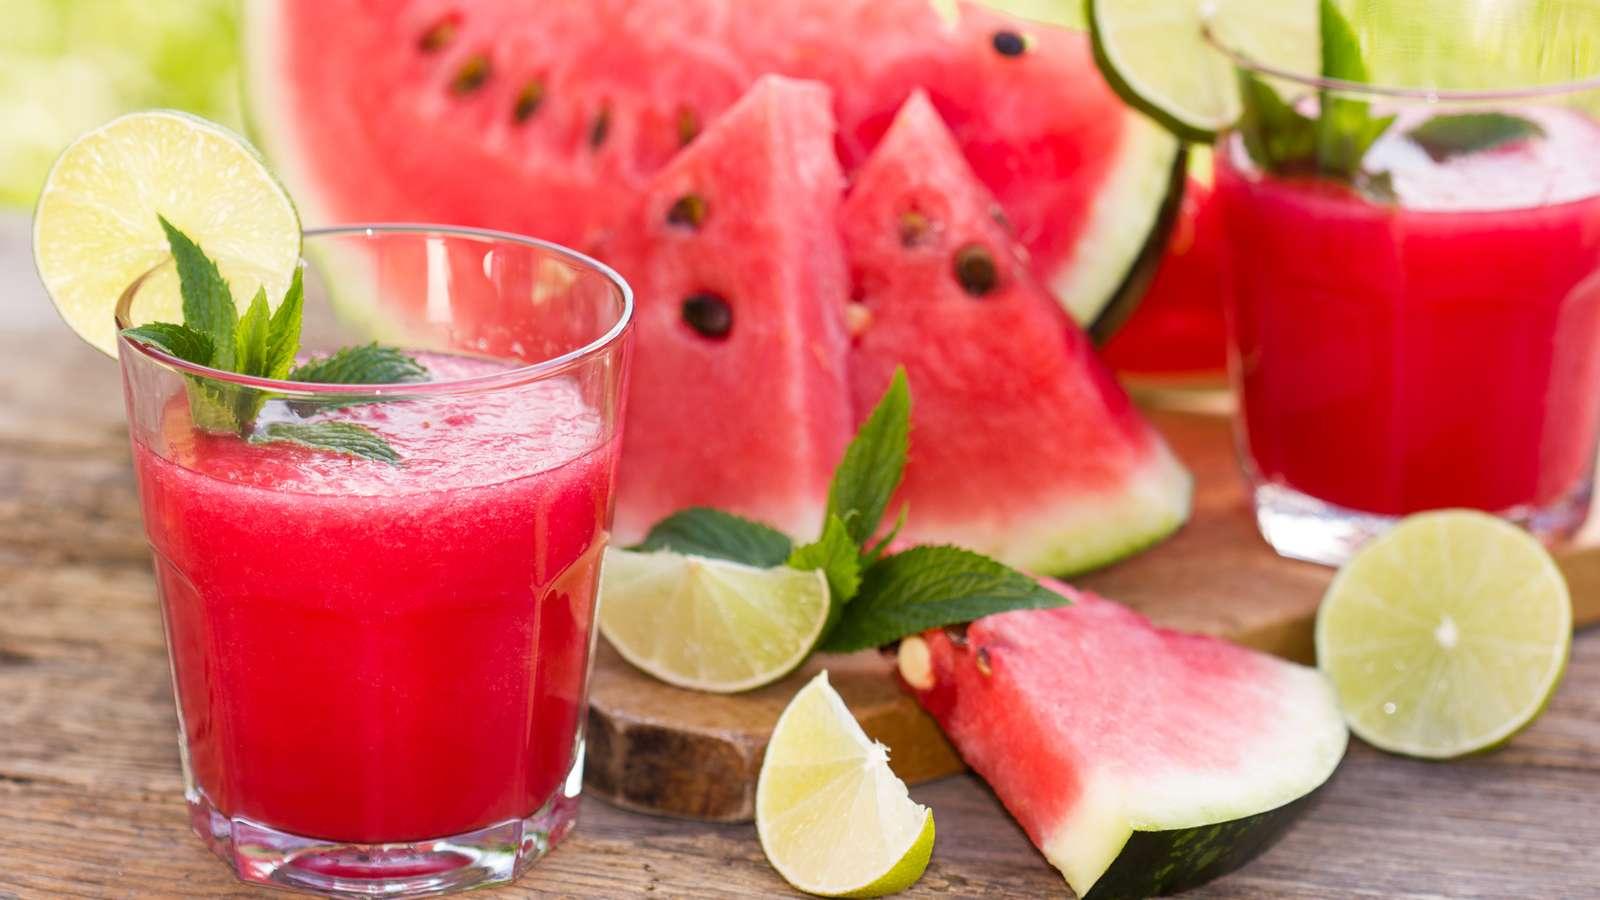 Melonen Haben Wenig Kalorien Und Eignen Sich Zum Abnehmen Evidero